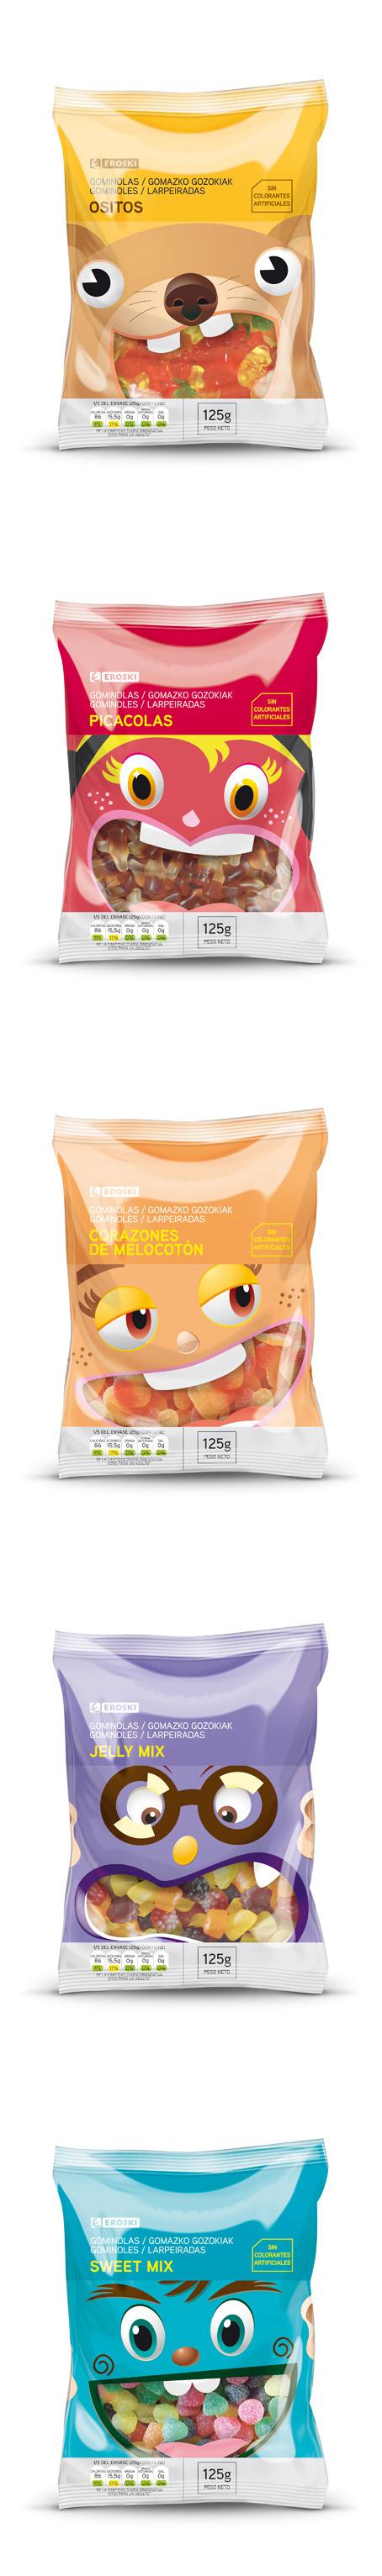 EROSKI snacks for the packaging smile file : ) PD